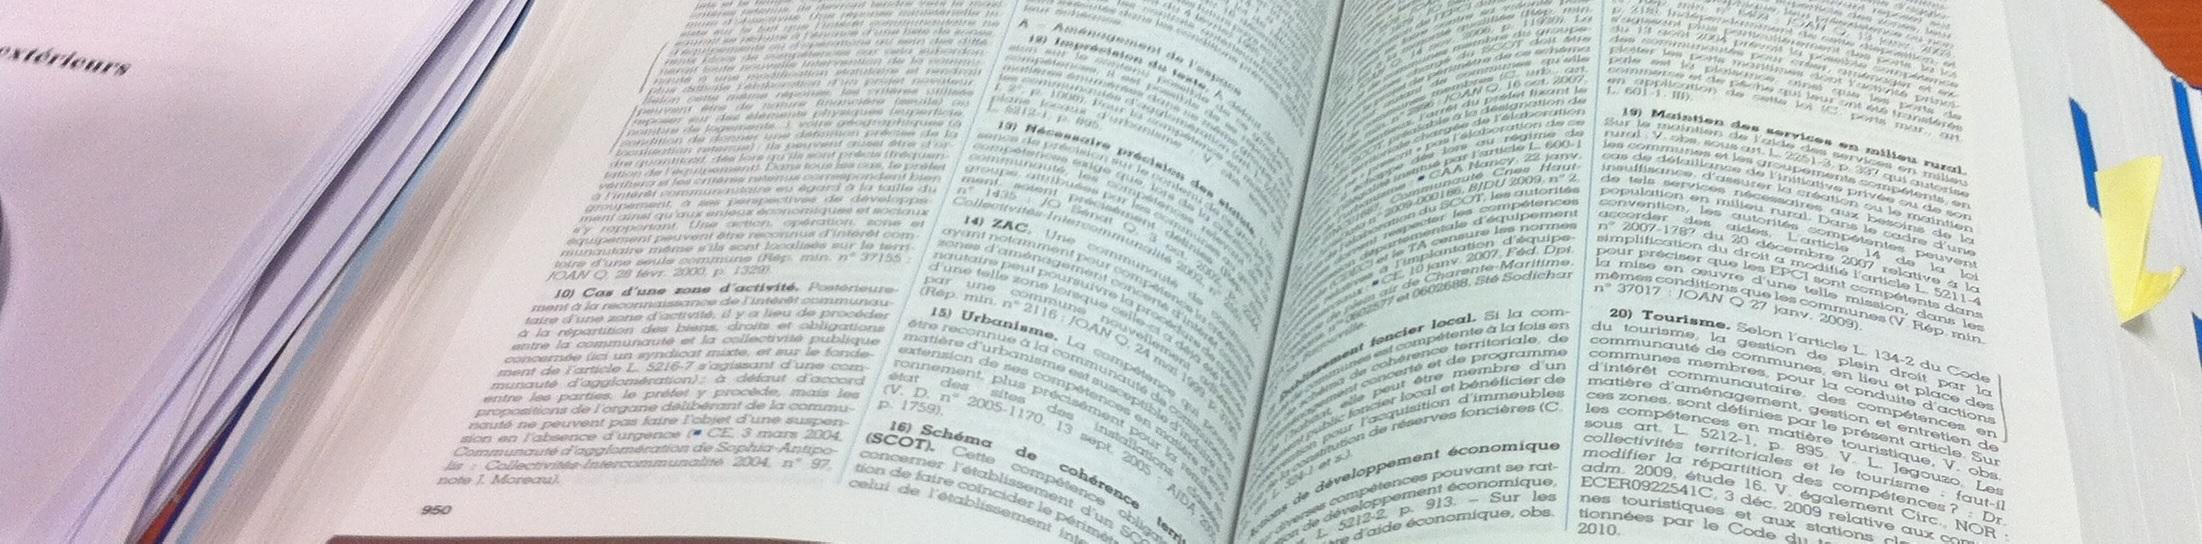 un livre de droit ouvert